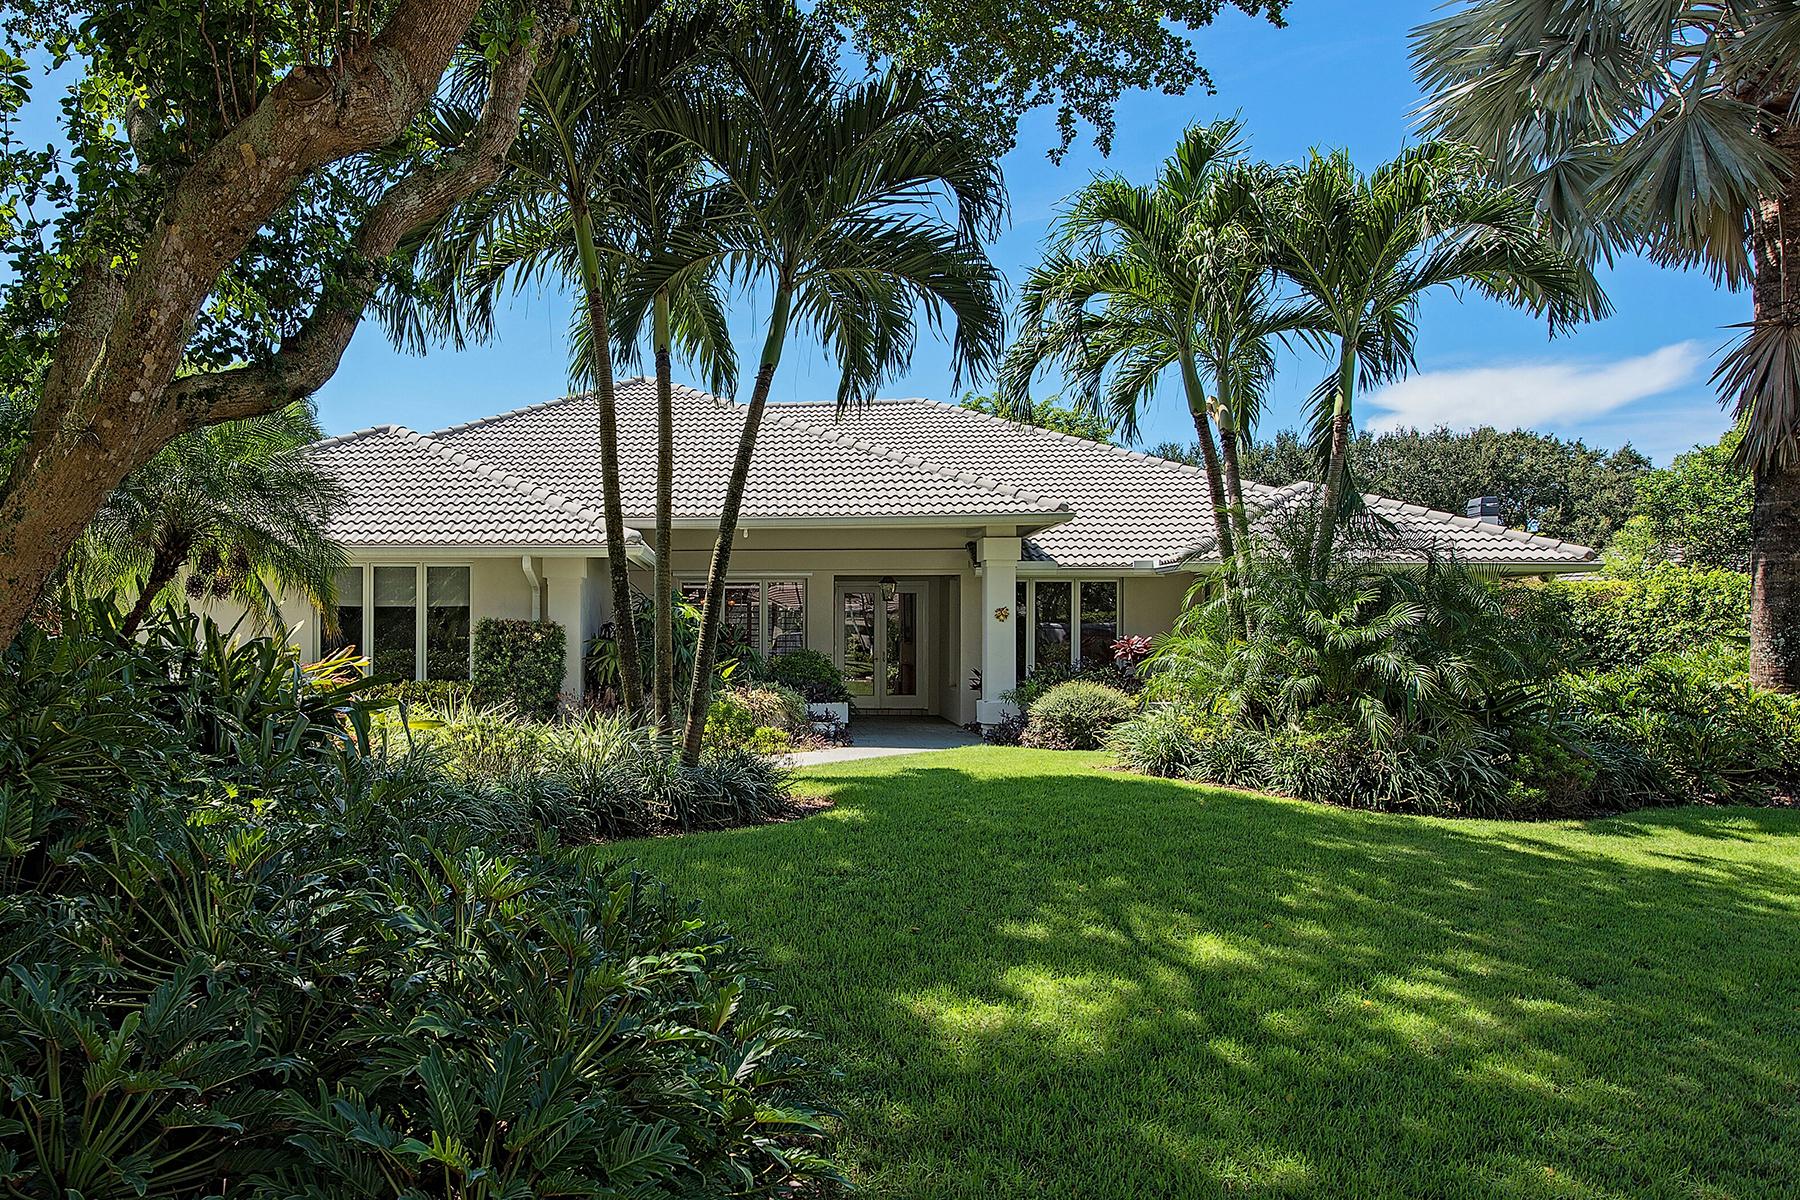 Частный односемейный дом для того Продажа на PINECREST AT PELICAN BAY 804 Tallow Tree Ct Naples, Флорида, 34108 Соединенные Штаты